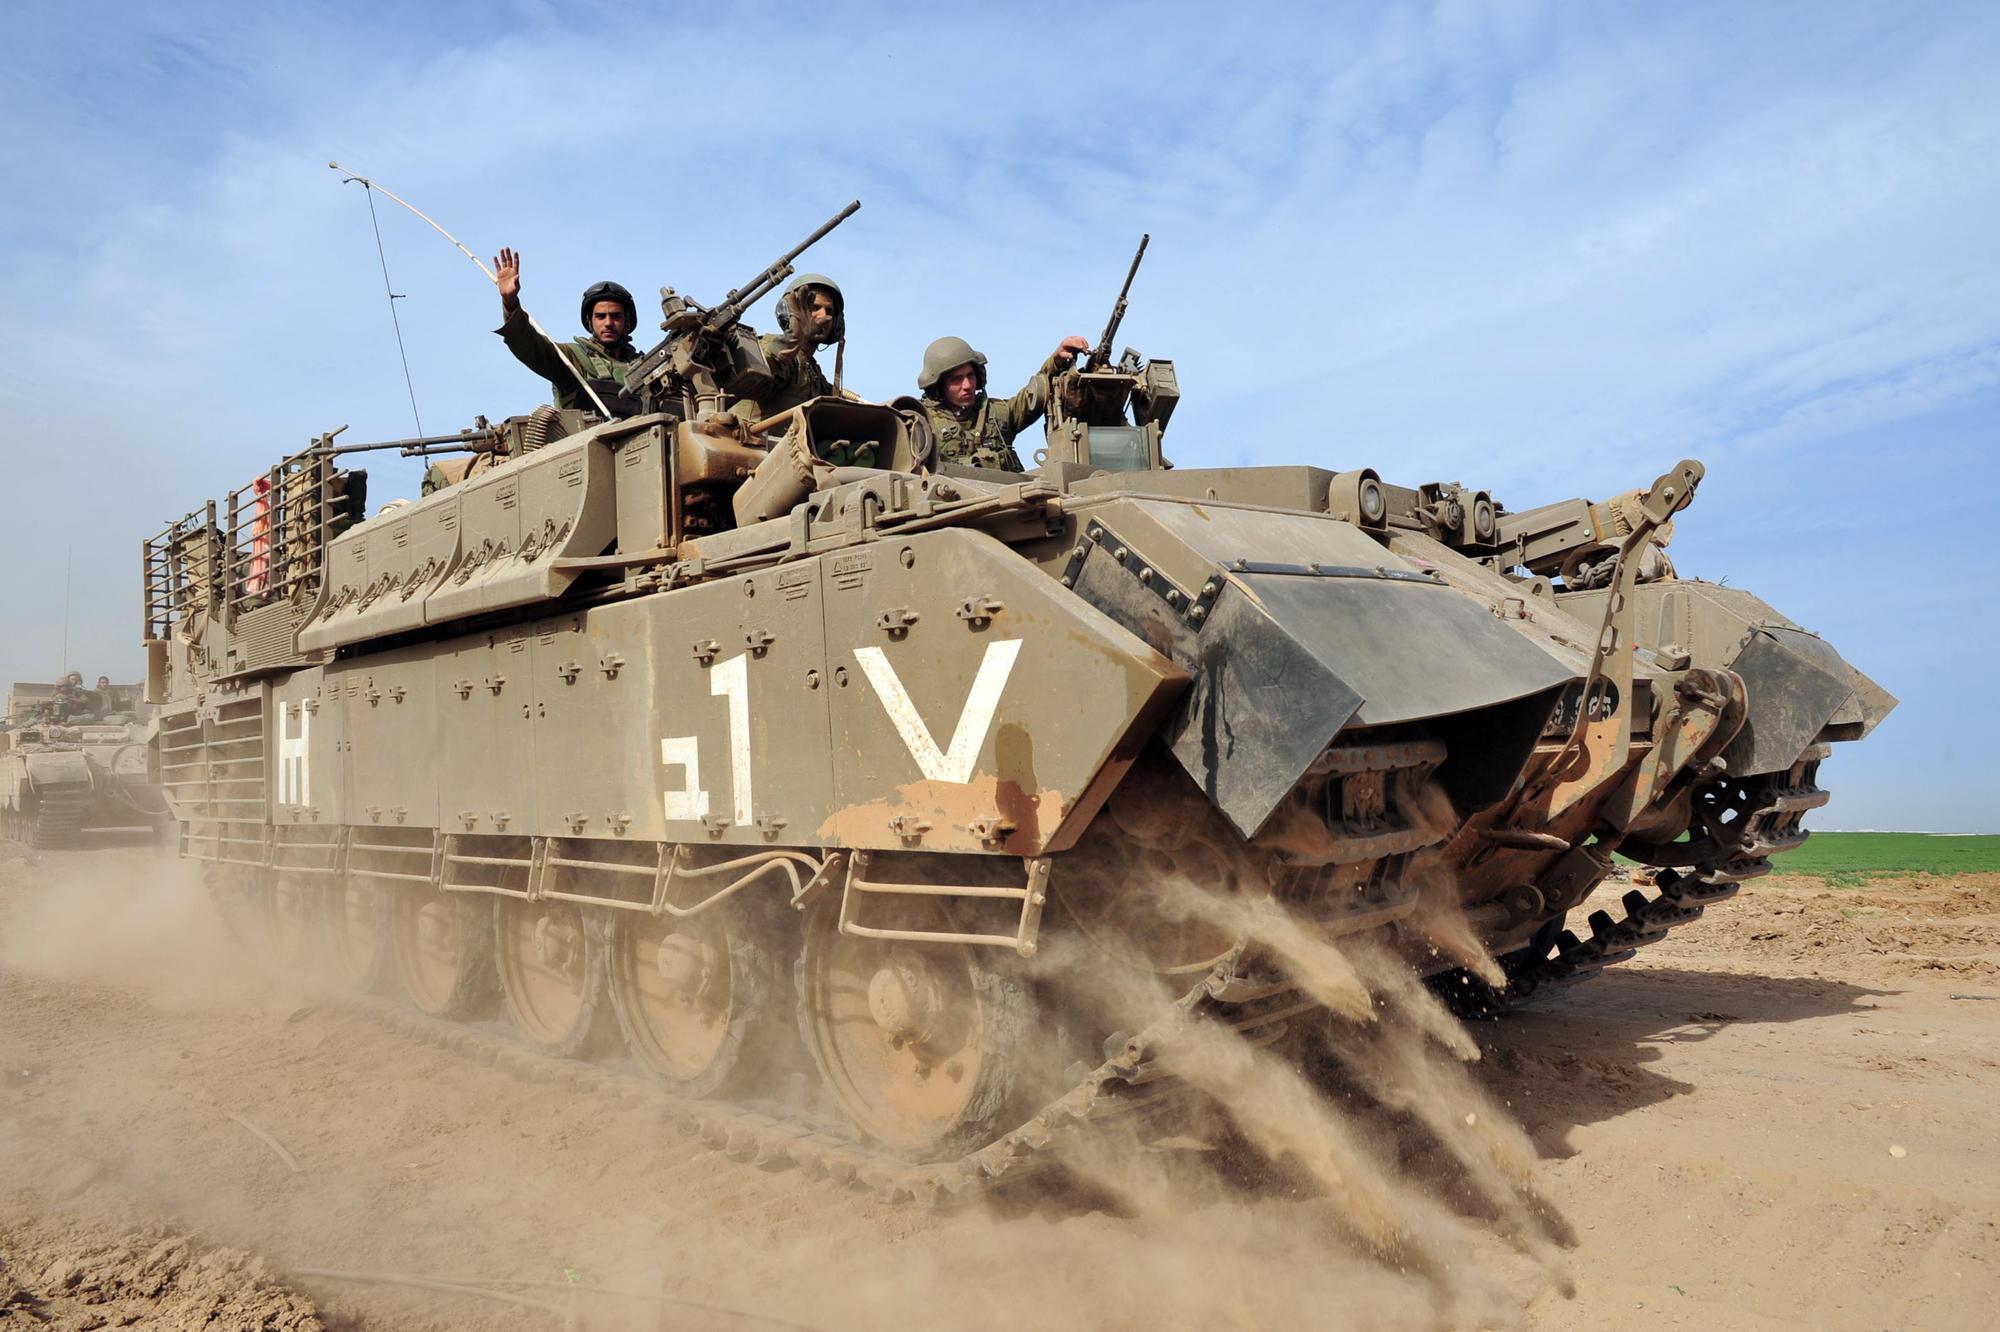 חיילים בנחל עוז, 2009. אילוסטרציה: depositphotos.com